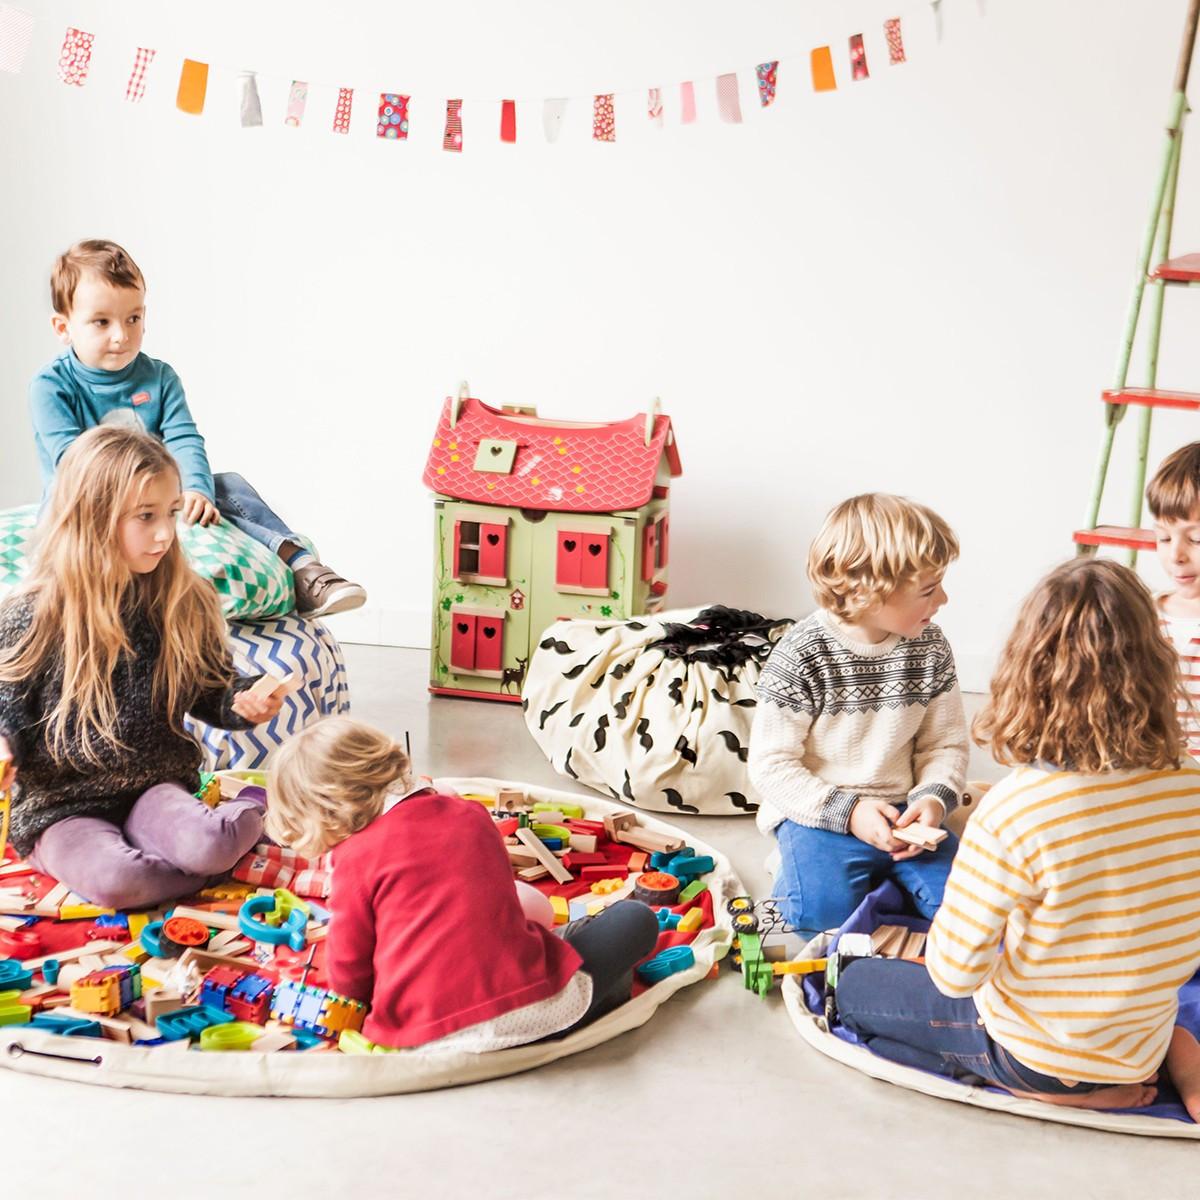 tapis de rangement jouets d 39 enfants bleu. Black Bedroom Furniture Sets. Home Design Ideas